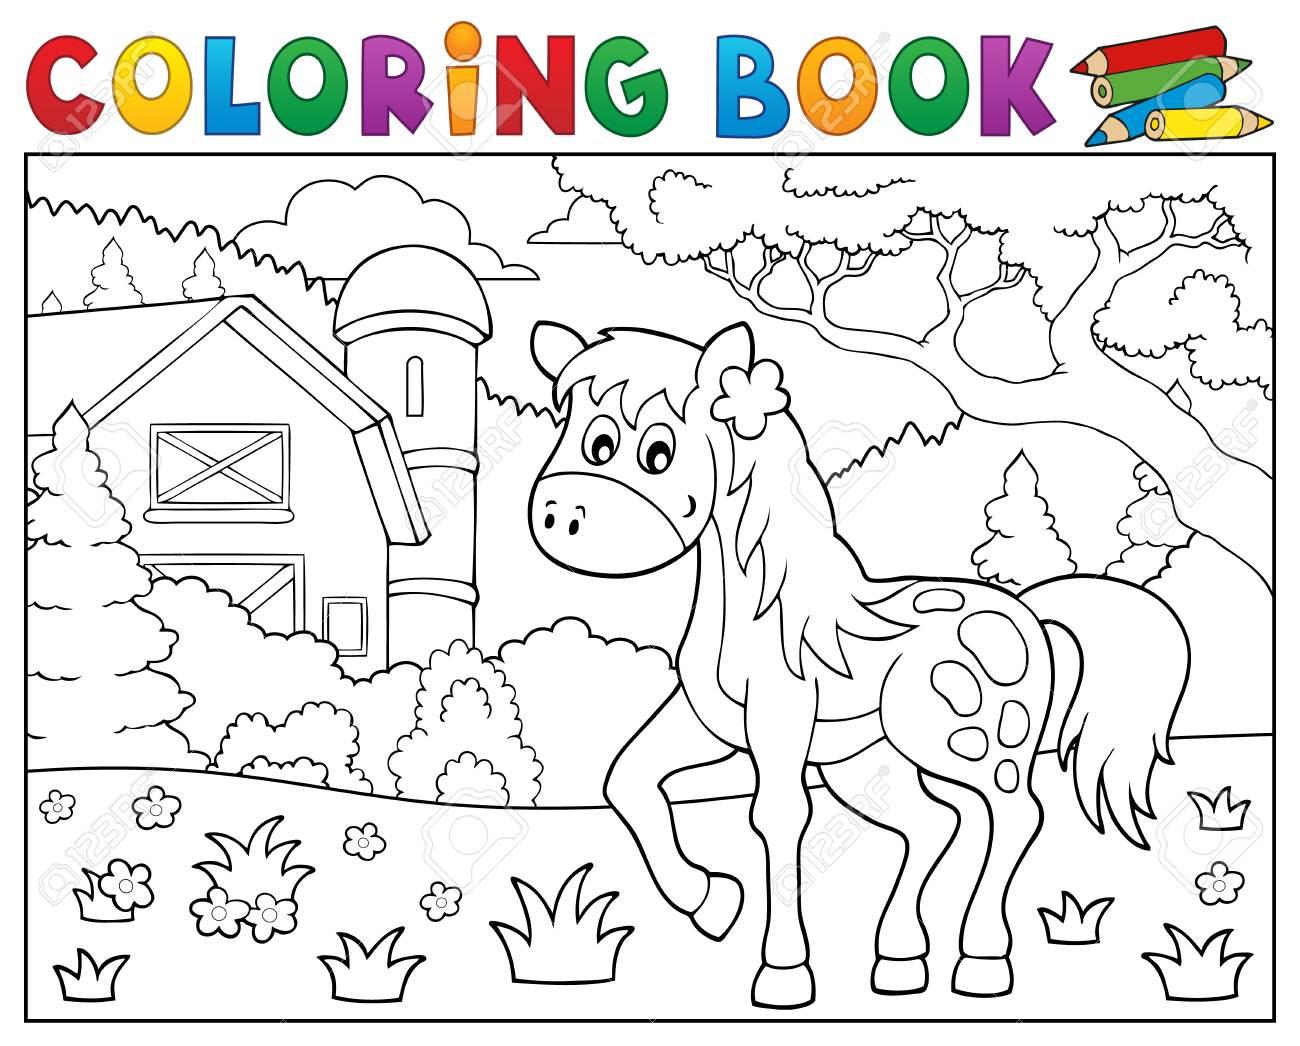 Coloriage Batiment Ferme.Coloriage Cheval De Livre Pres Theme De La Ferme 1 Eps10